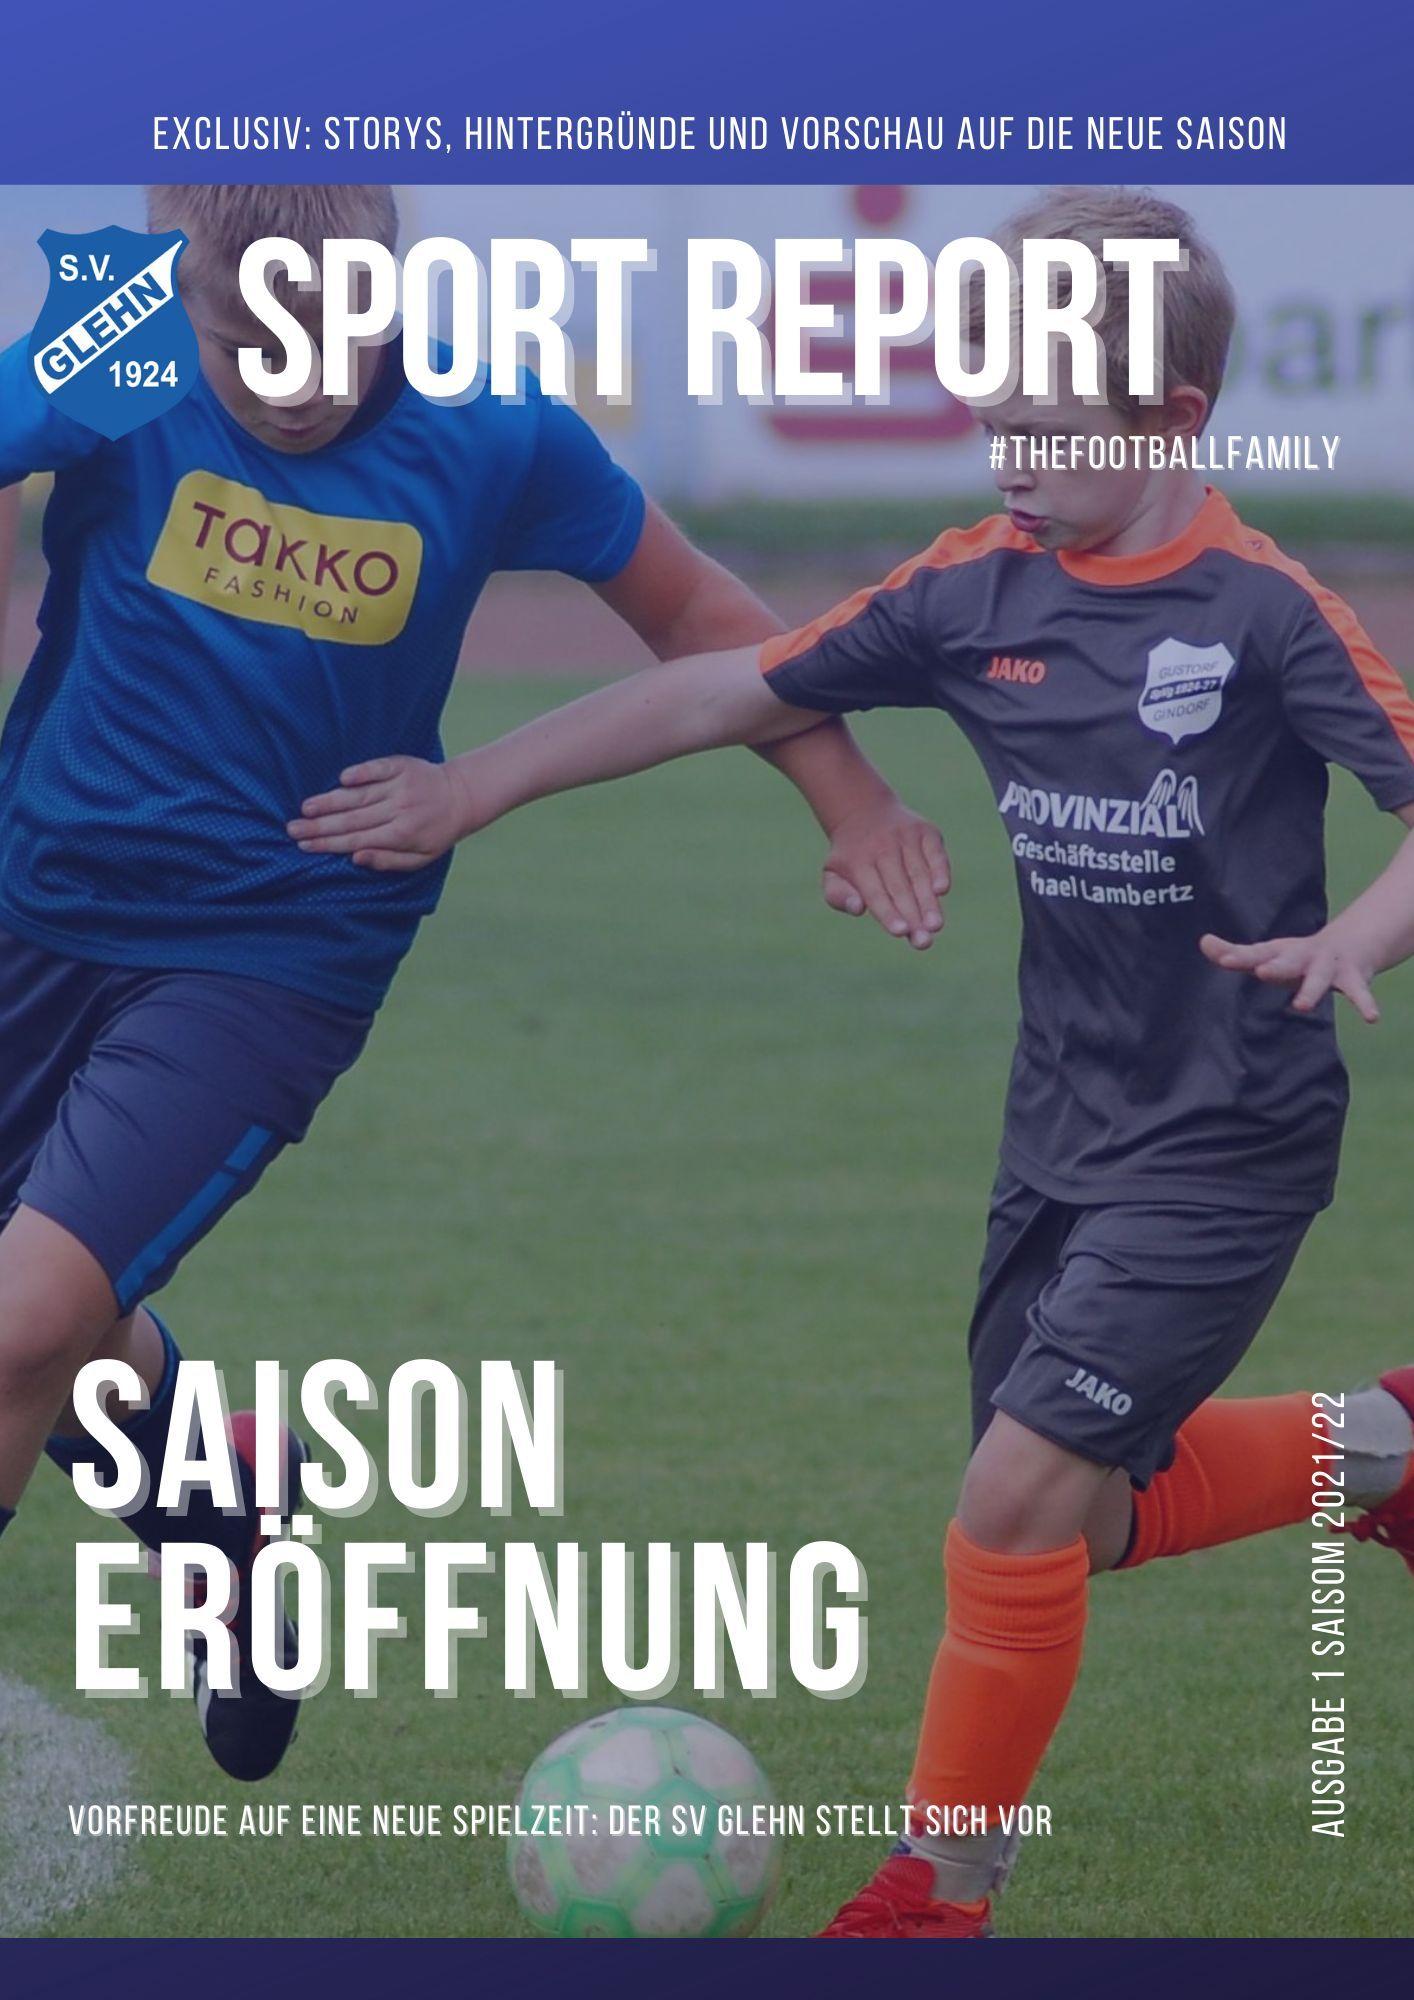 Der Sport-Report - 2021/22   SV 1924 Glehn e.V.